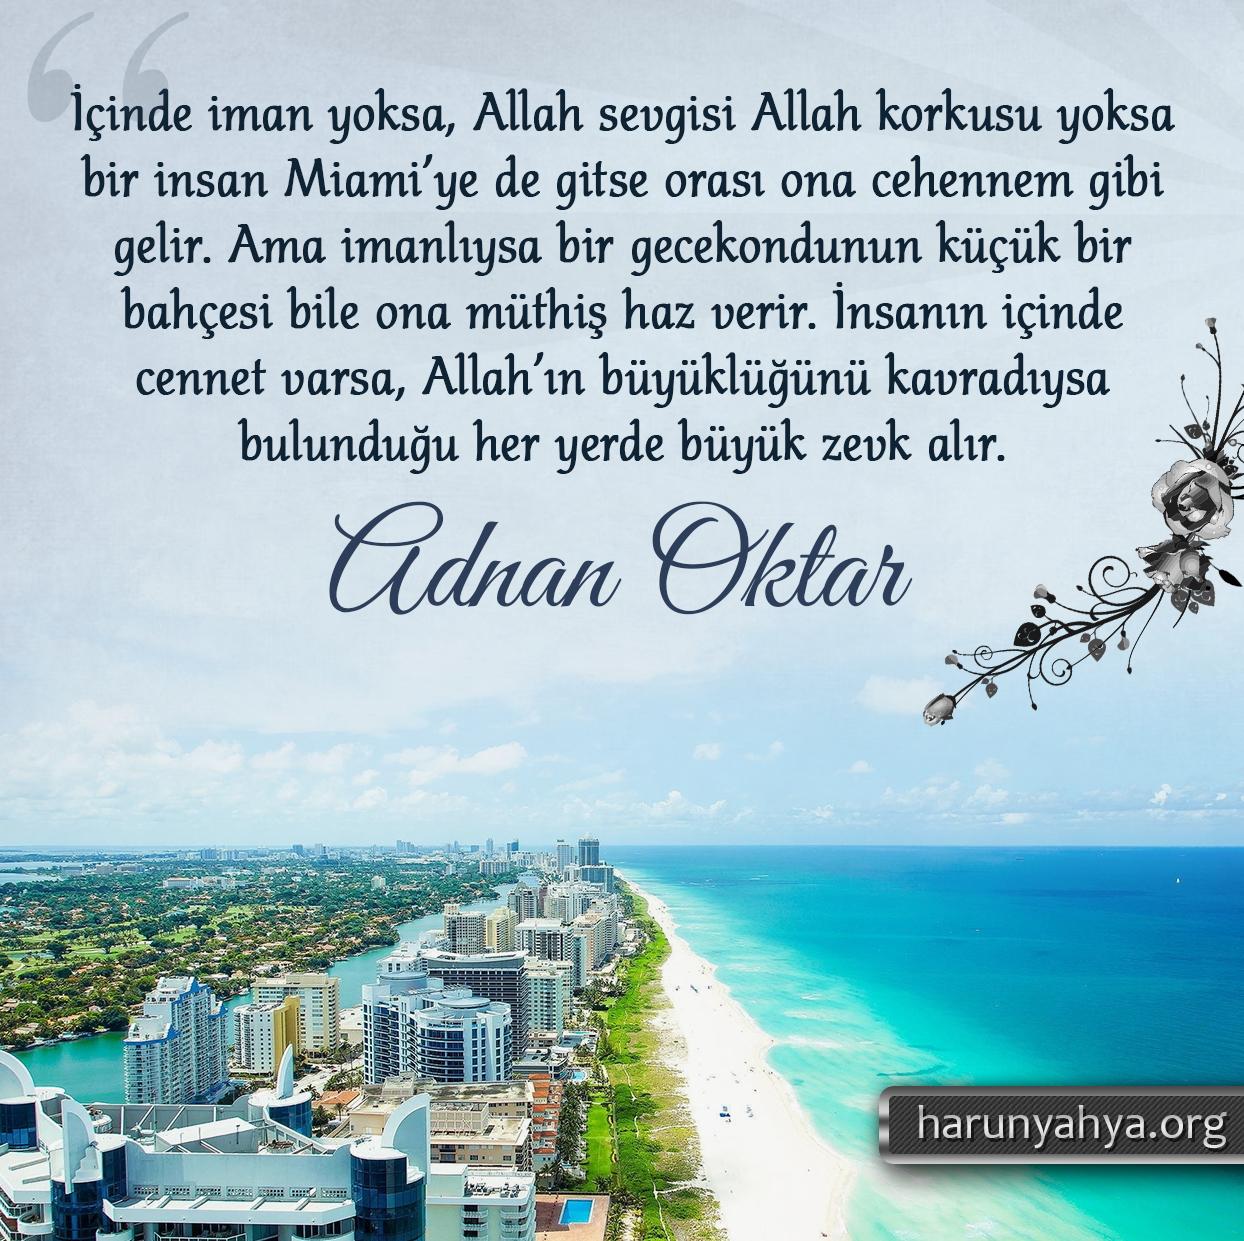 """<table style=""""width: 100%;""""><tr><td style=""""vertical-align: middle;"""">İçinde iman yoksa, Allah sevgisi Allah korkusu yoksa bir insan Miami'ye de gitse orası ona cehennem gibi gelir. Ama imanlıysa bir gecekondunun küçük bir bahçesi bile ona müthiş haz verir. İnsanın içinde cennet varsa, Allah'ın büyüklüğünü kavradıysa bulunduğu her yerde büyük zevk alır.</td><td style=""""max-width: 70px;vertical-align: middle;""""> <a href=""""/downloadquote.php?filename=1527141499545.jpg""""><img class=""""hoversaturate"""" height=""""20px"""" src=""""/assets/images/download-iconu.png"""" style=""""width: 48px; height: 48px;"""" title=""""Resmi İndir""""/></a></td></tr></table>"""